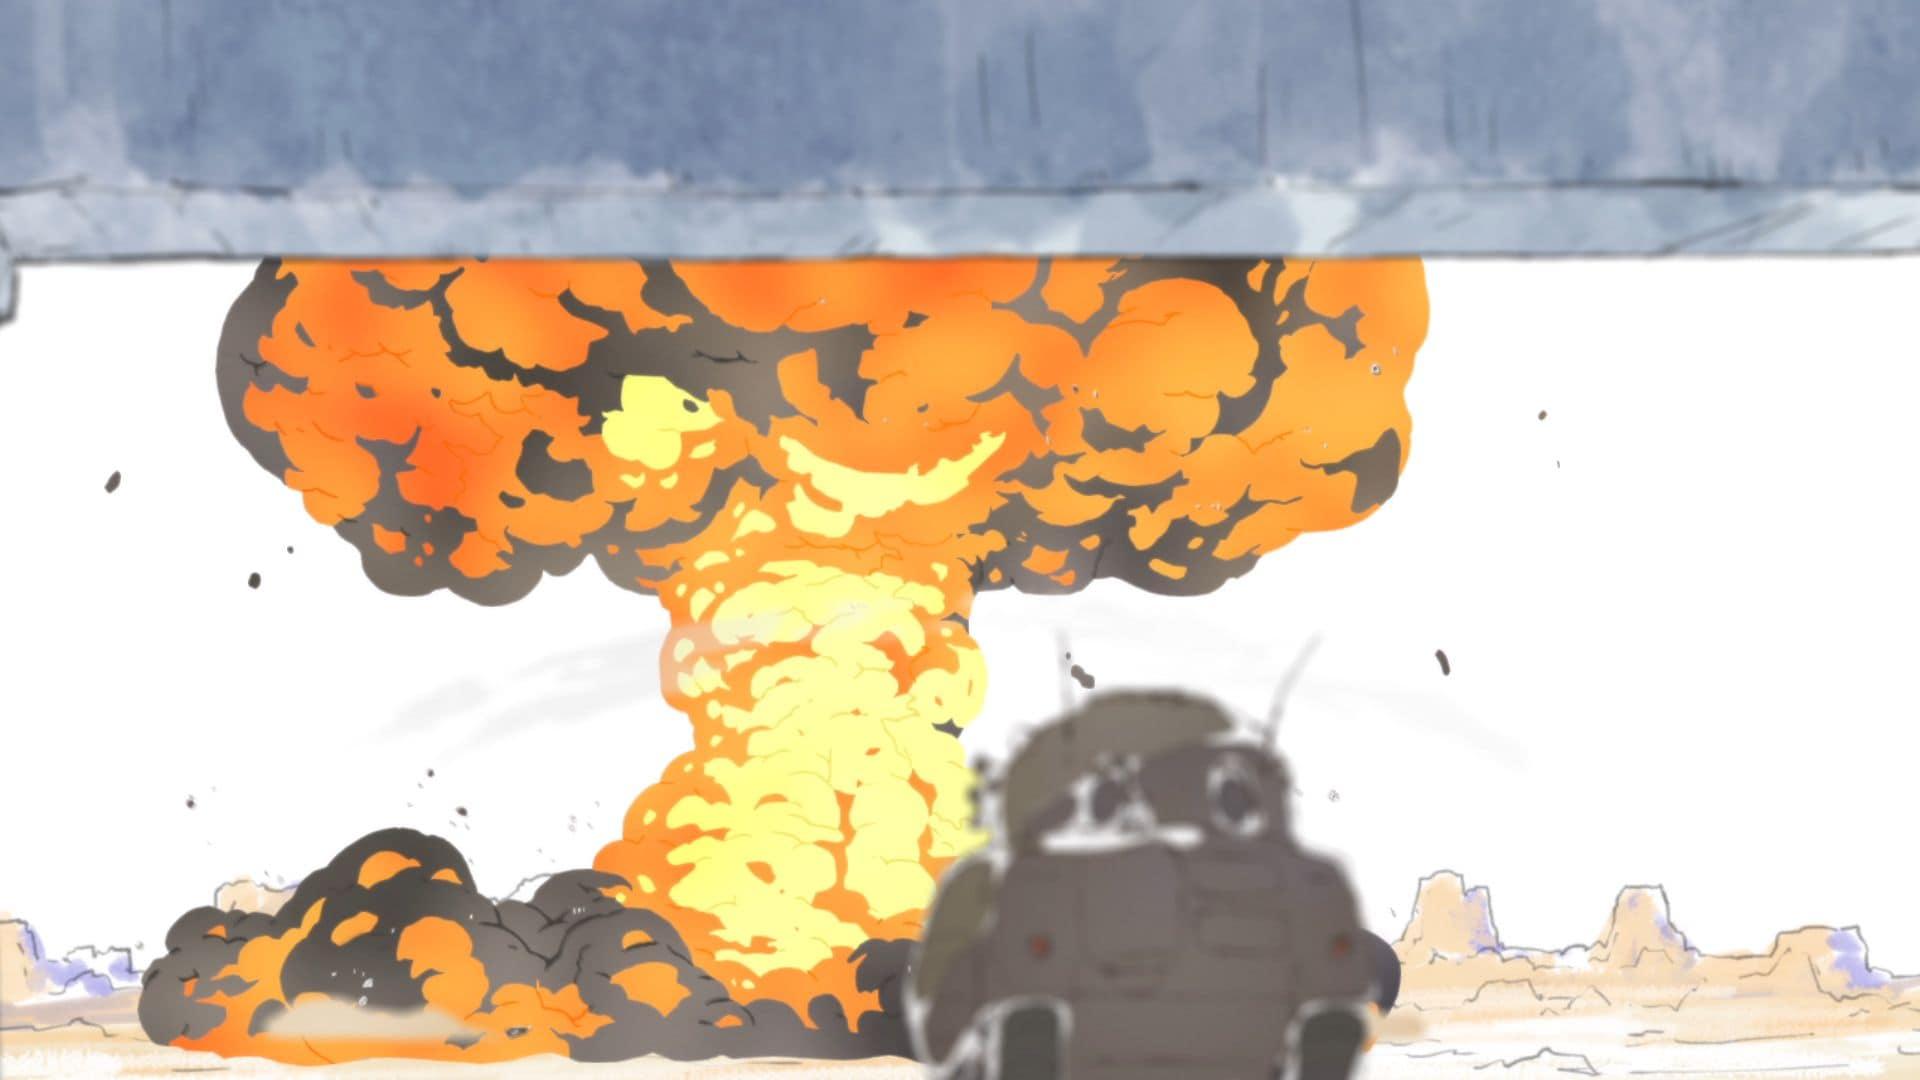 浅草みどり役・伊藤沙莉が語る『映像研には手を出すな!』の魅力「これが湯浅監督作品か!」の画像009